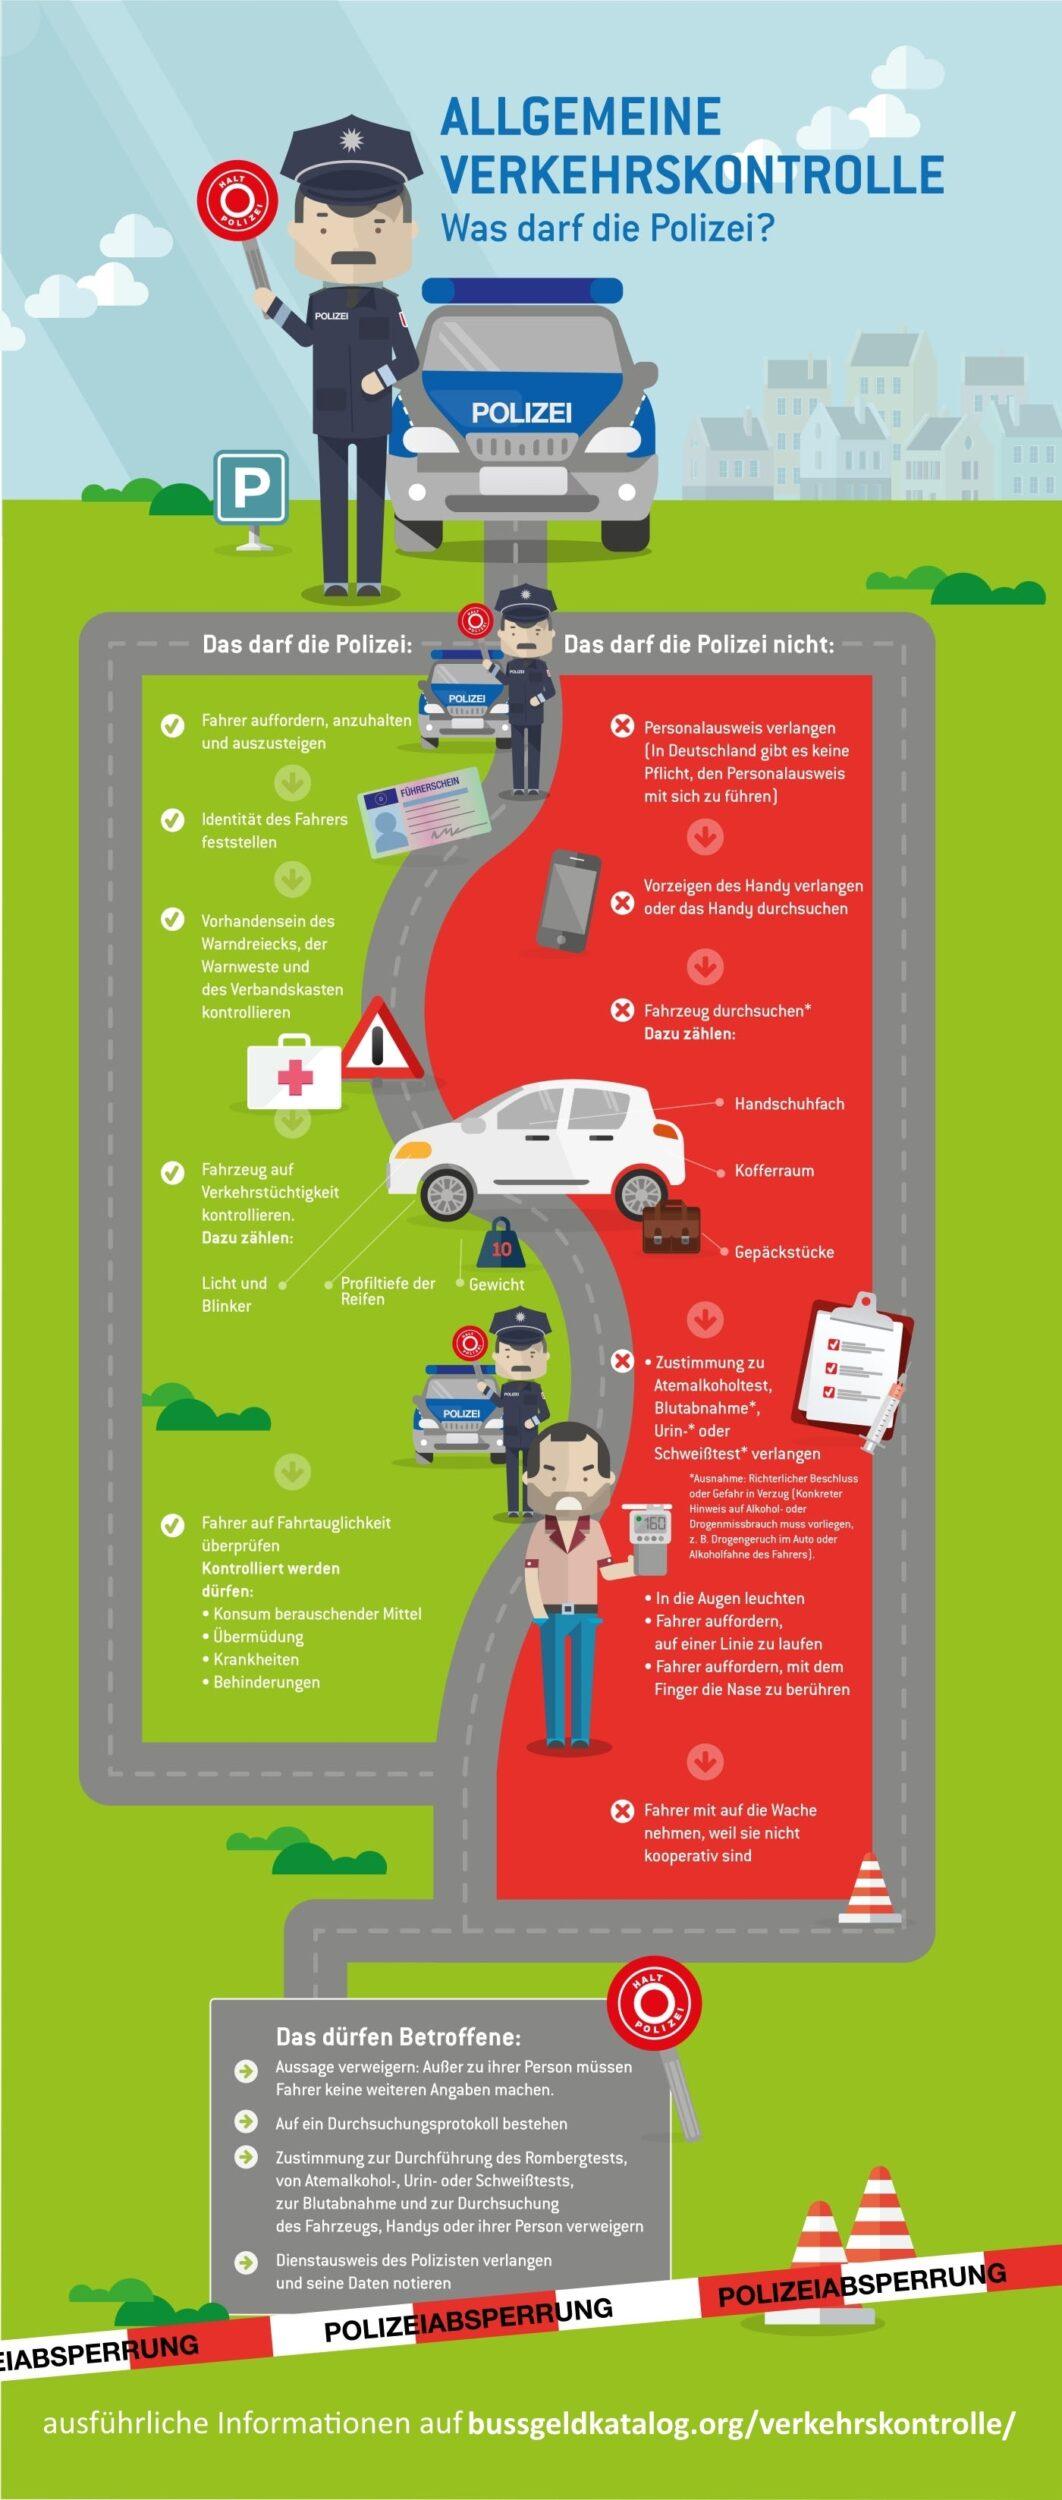 Allgemeine Verkehrskontrolle - Was darf die Polizei?